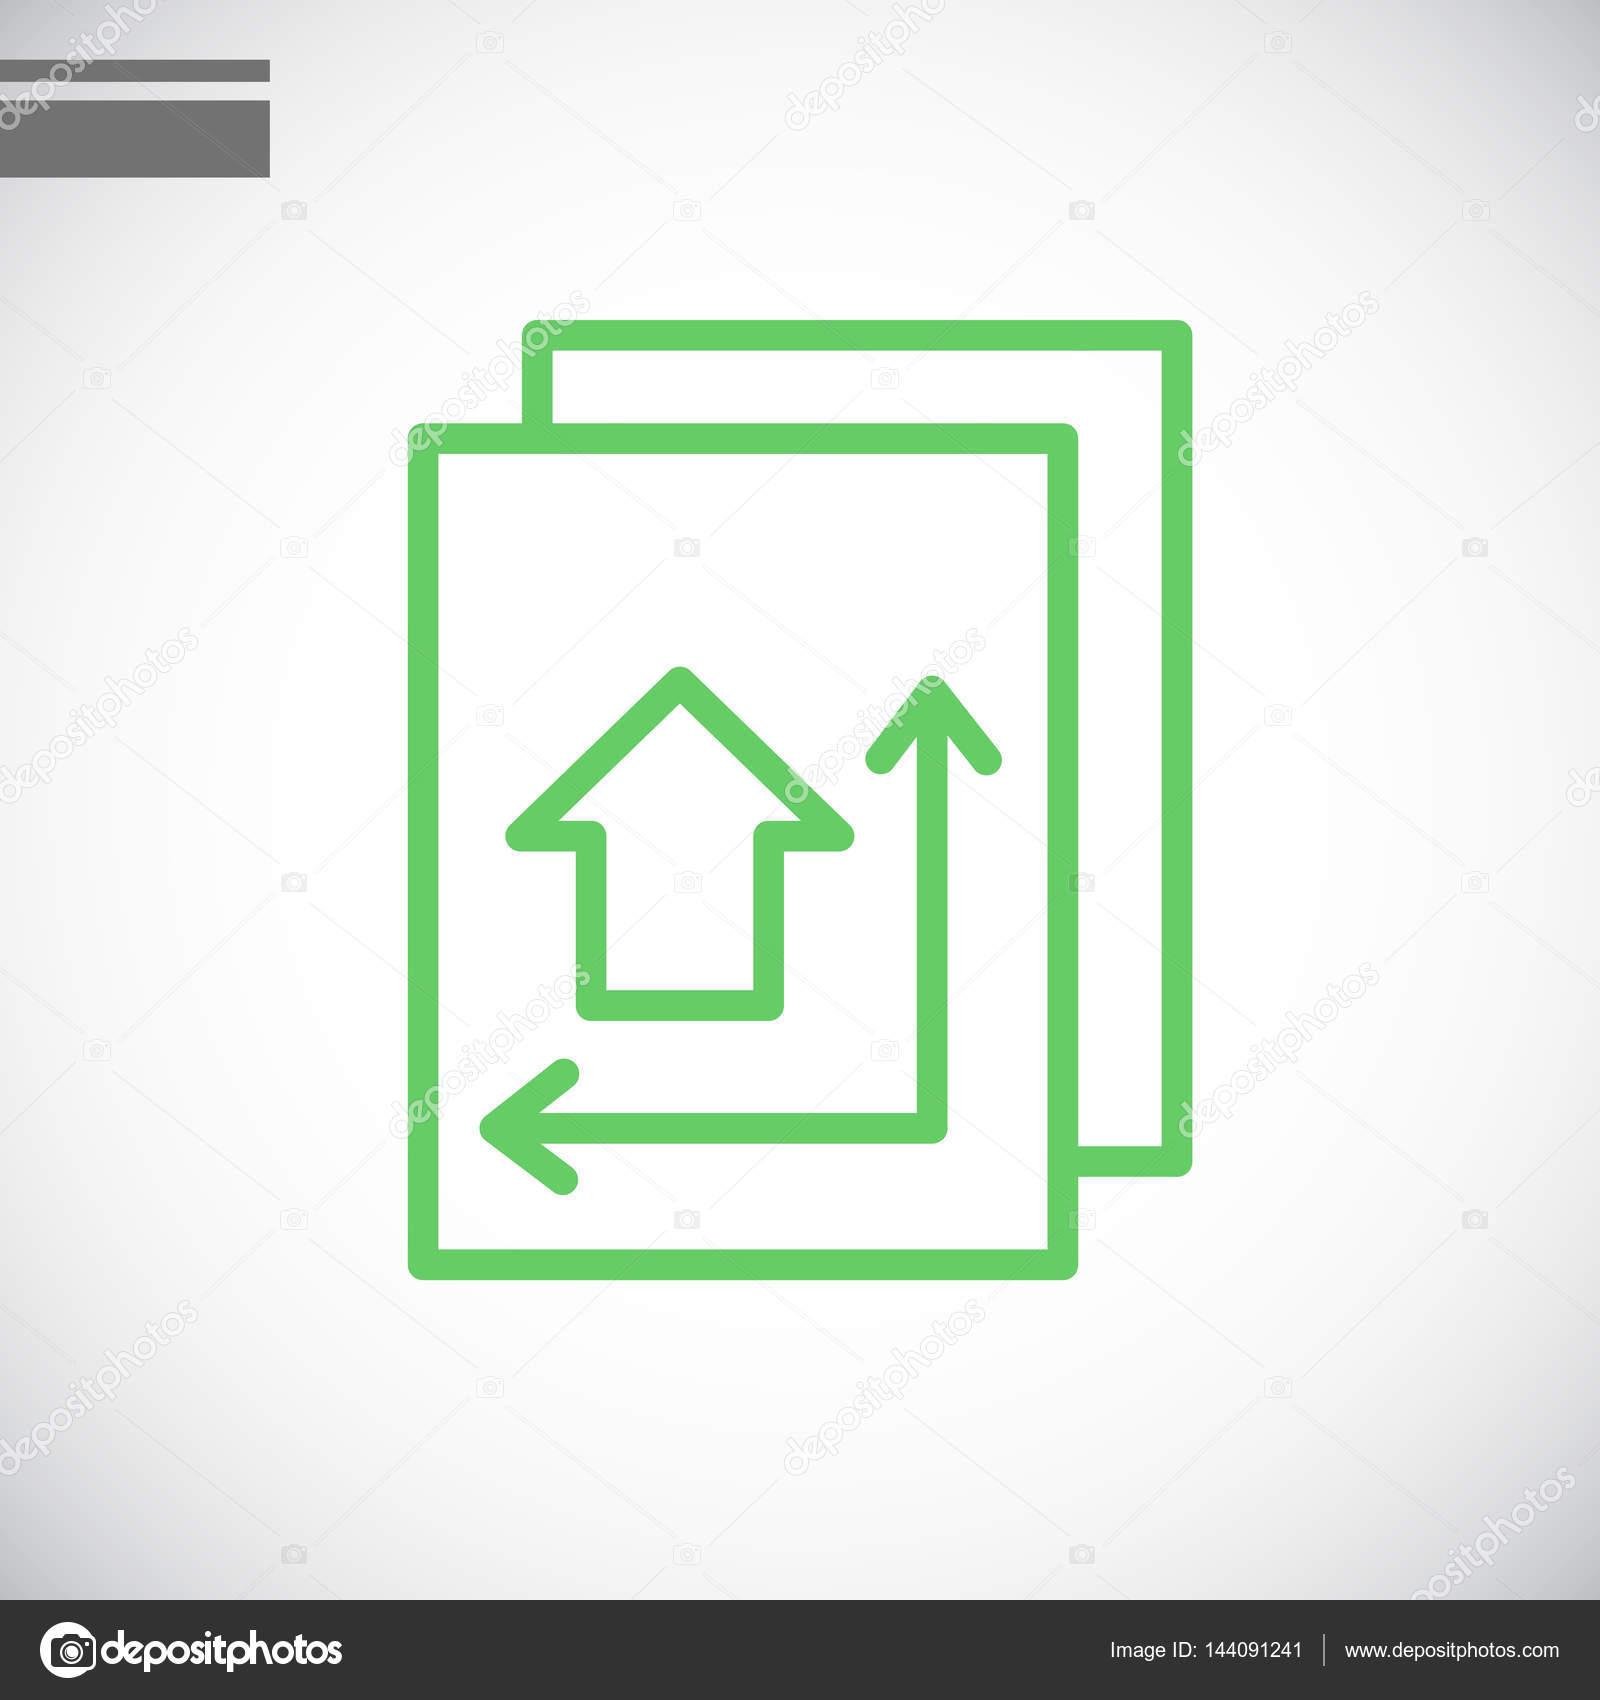 建设蓝图图标 — 图库矢量图像08 mr.webicon